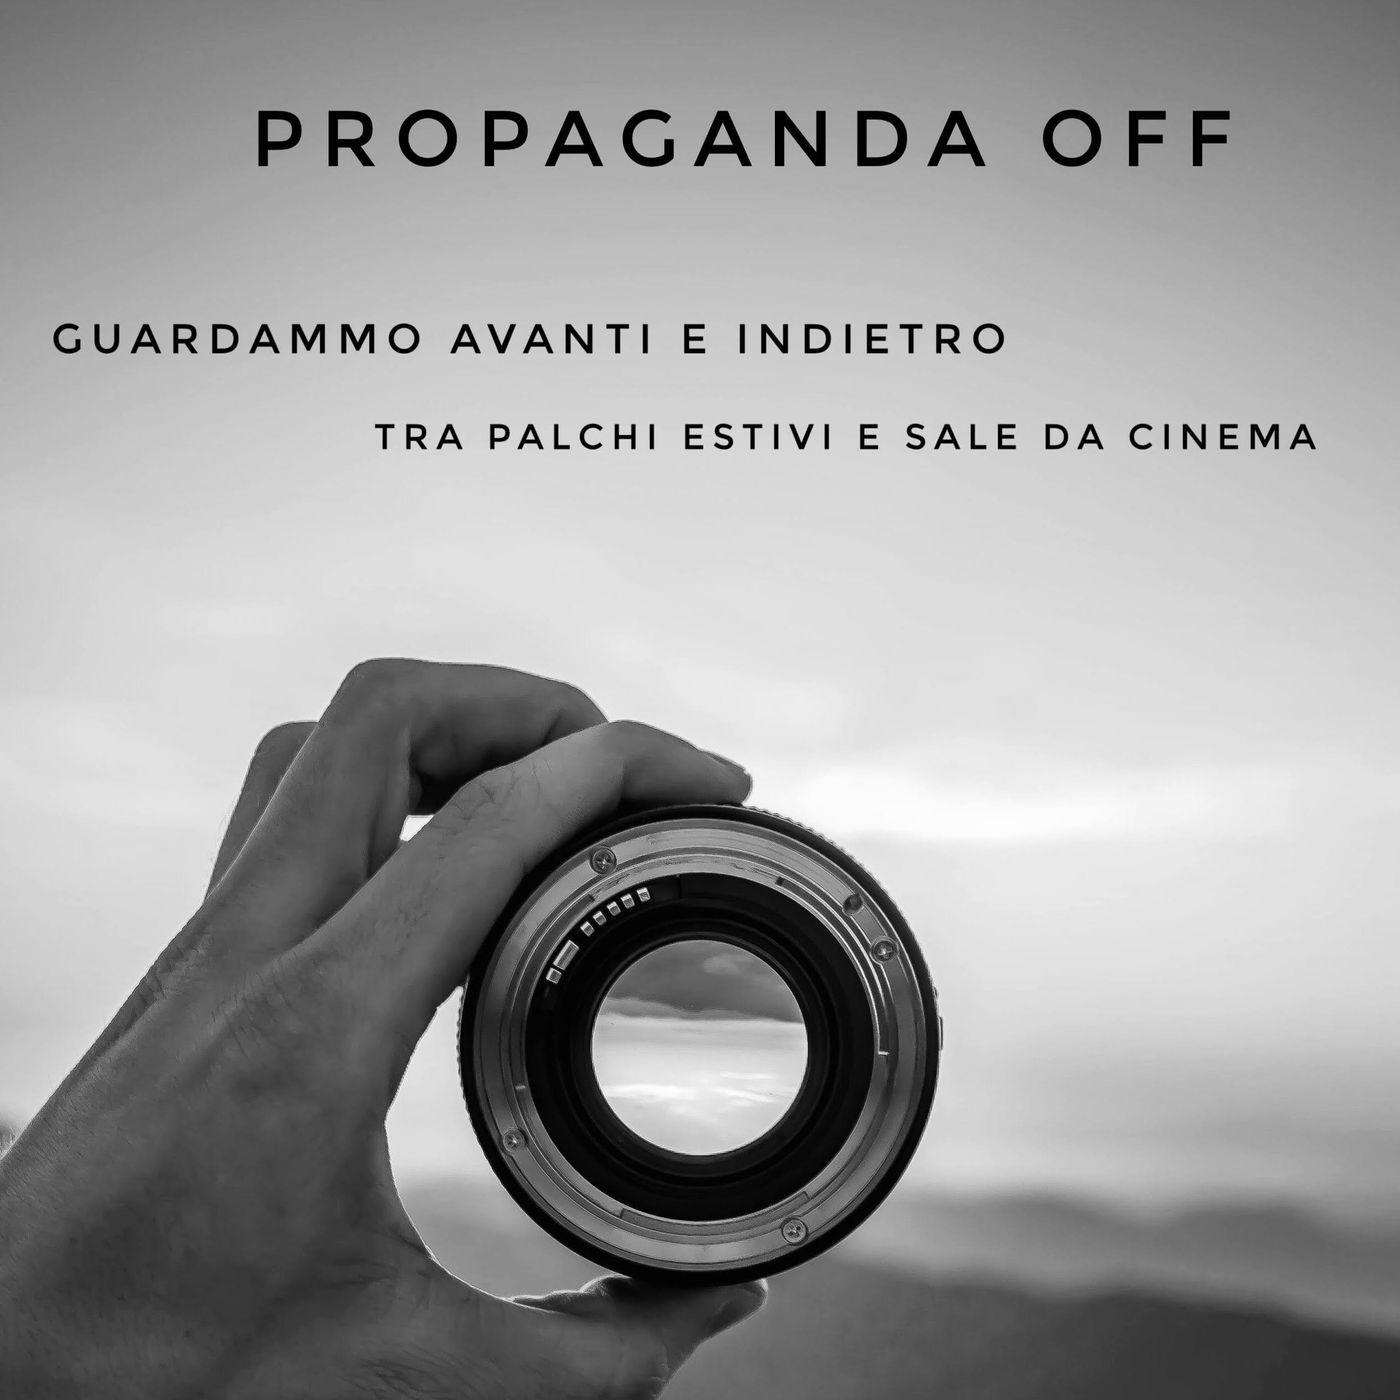 Propaganda Off - Guardammo avanti e indietro, tra palchi estivi e sale da cinema - Propaganda s4e32